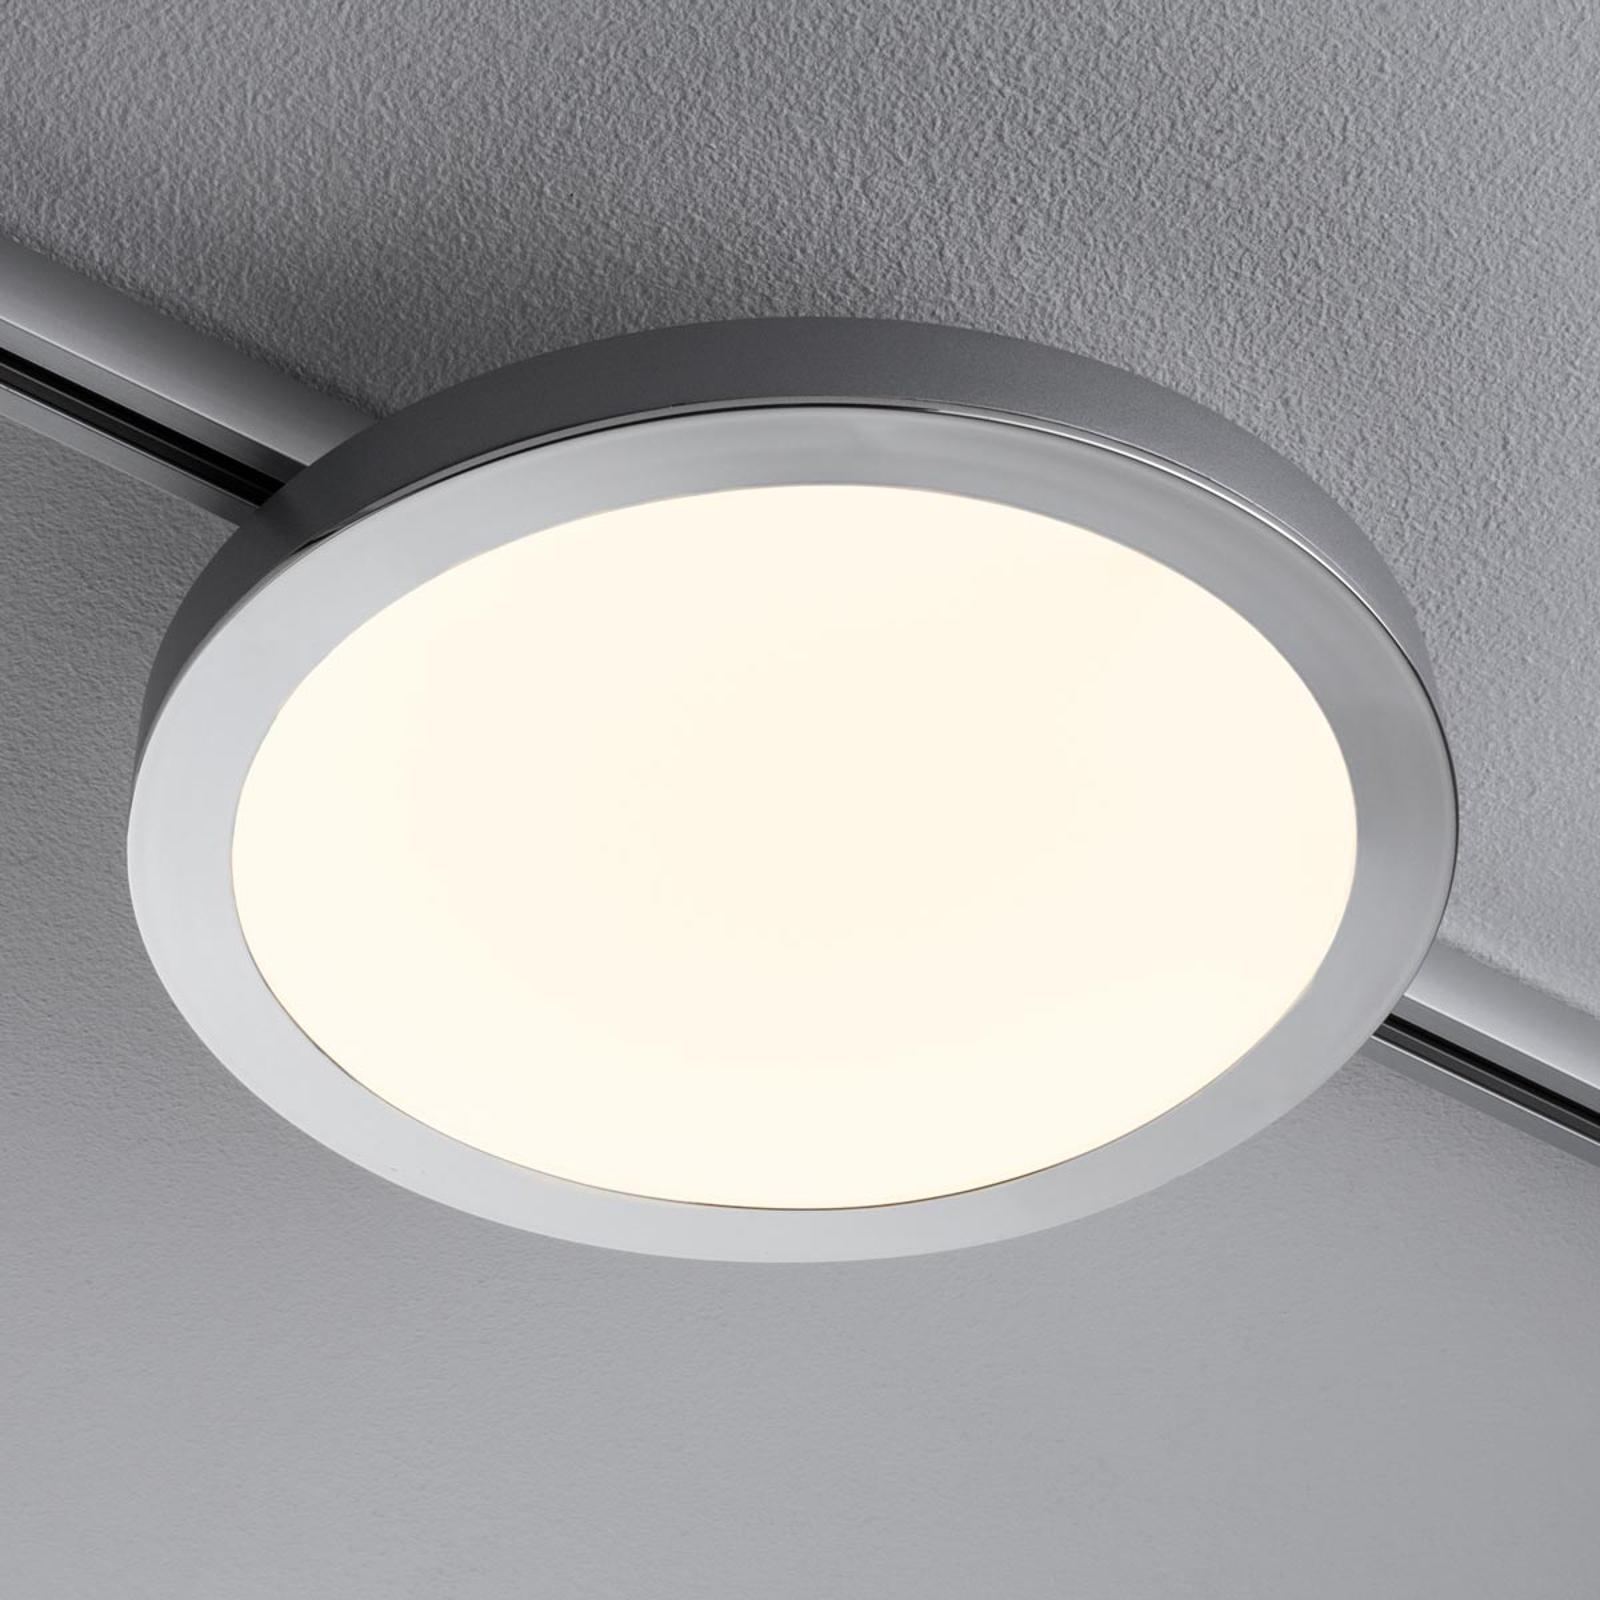 Paulmann URail Spin LED paneel in mat chroom